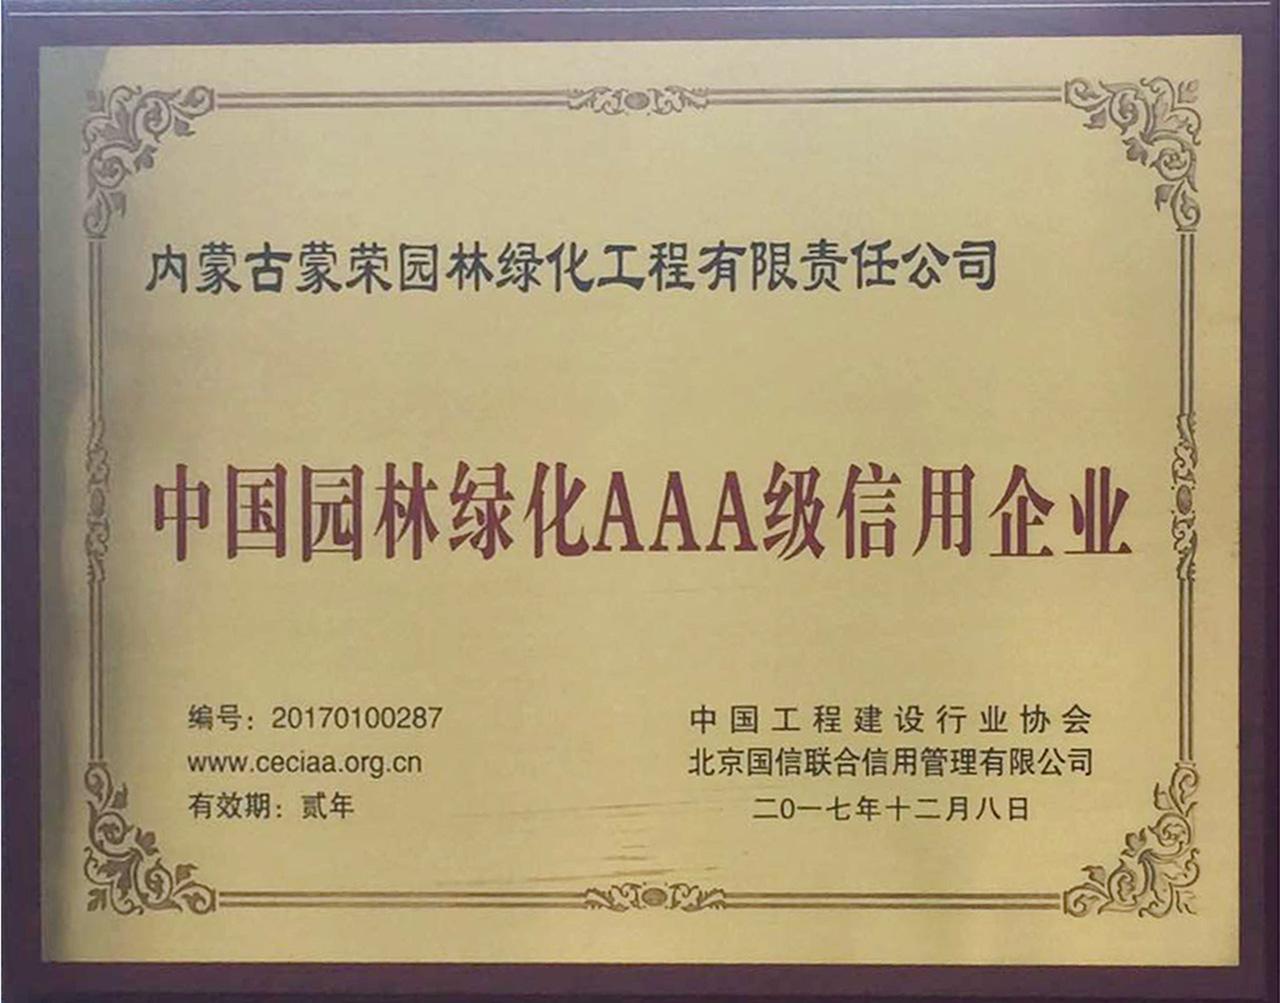 中国黑白直播app下载苹果AAA级信用企业